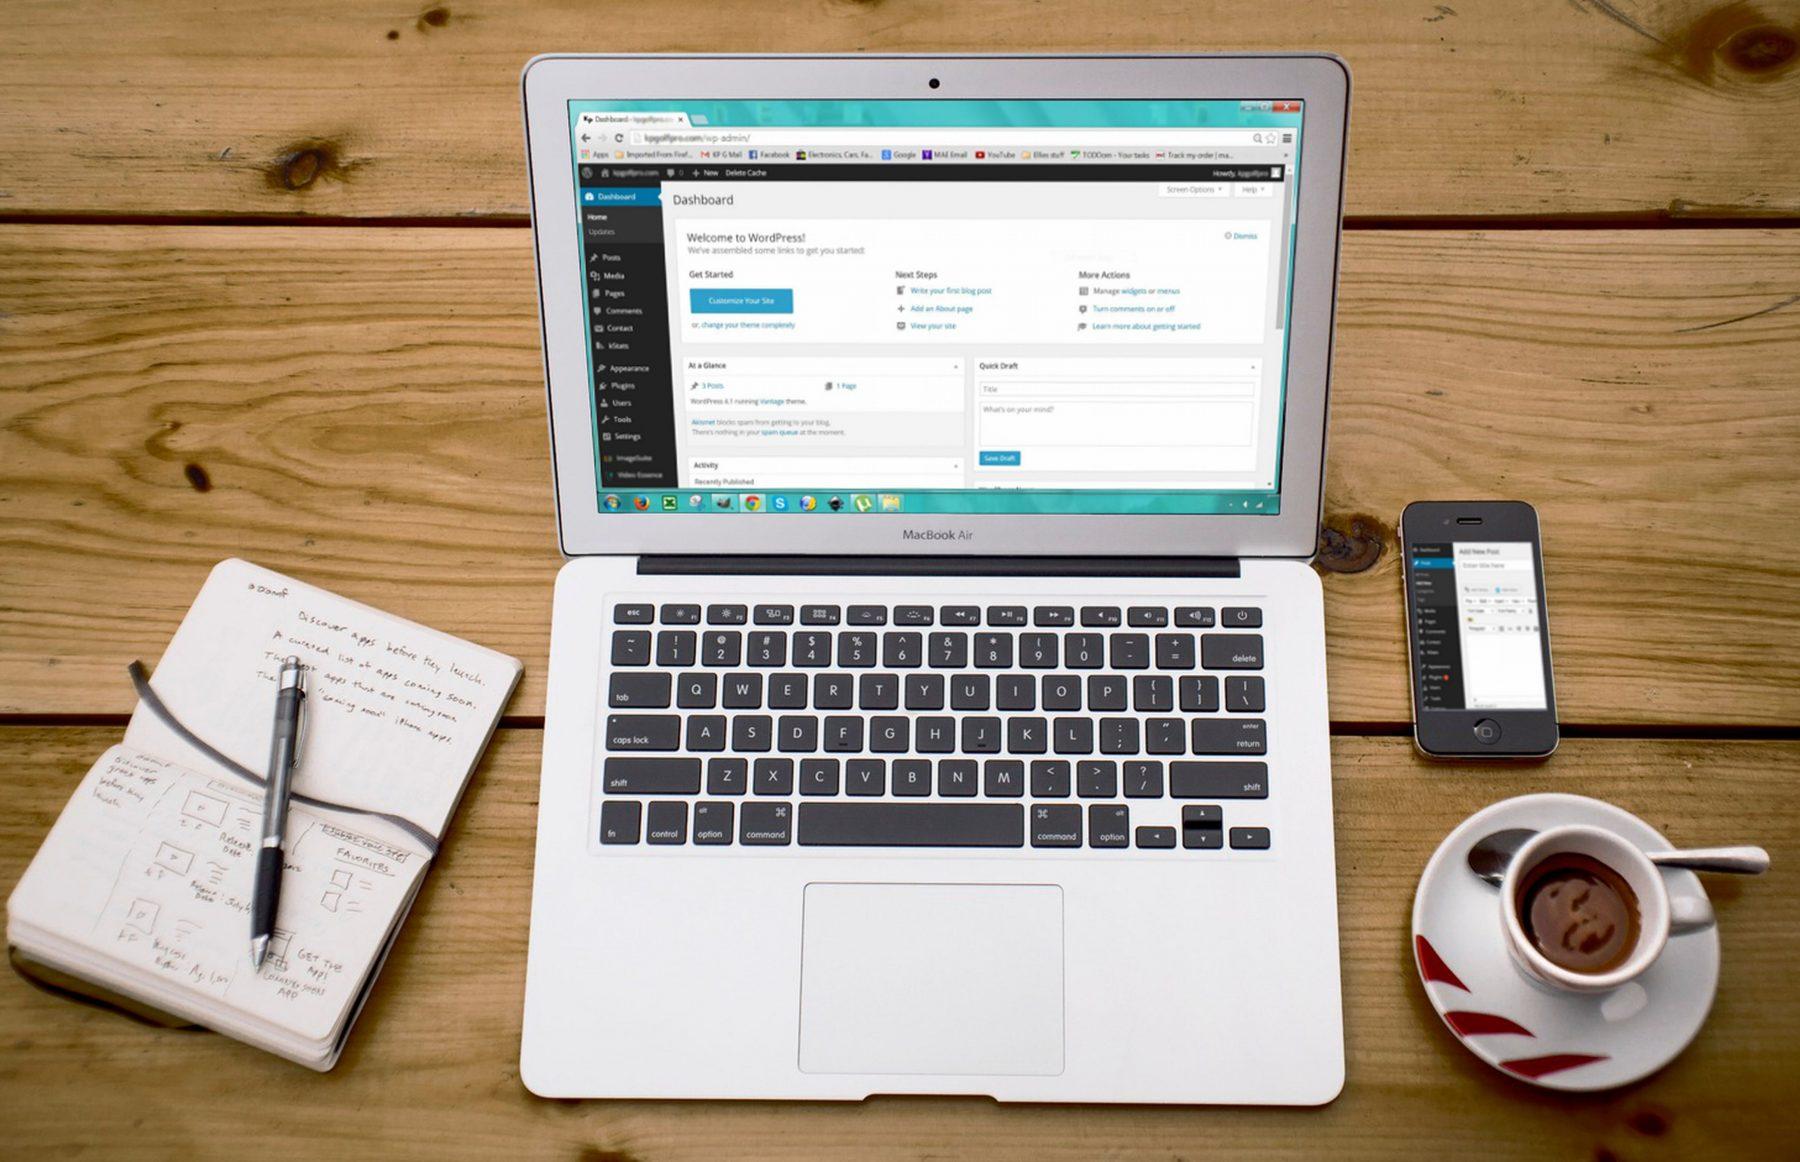 wordpress website design laptop